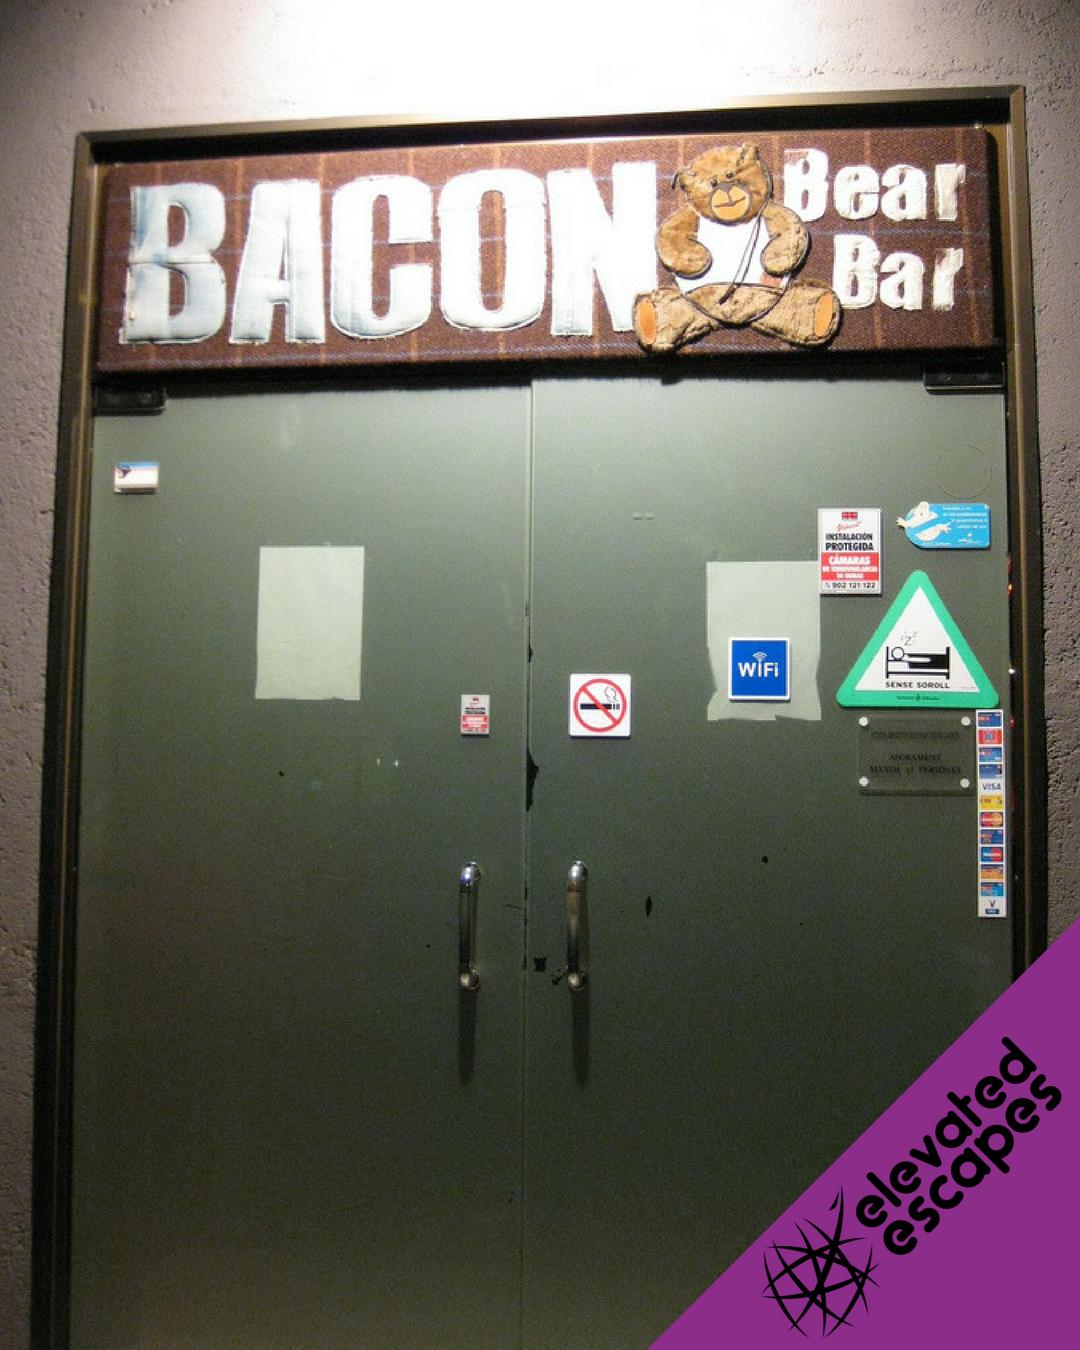 Bacon Bear Bar Entrance